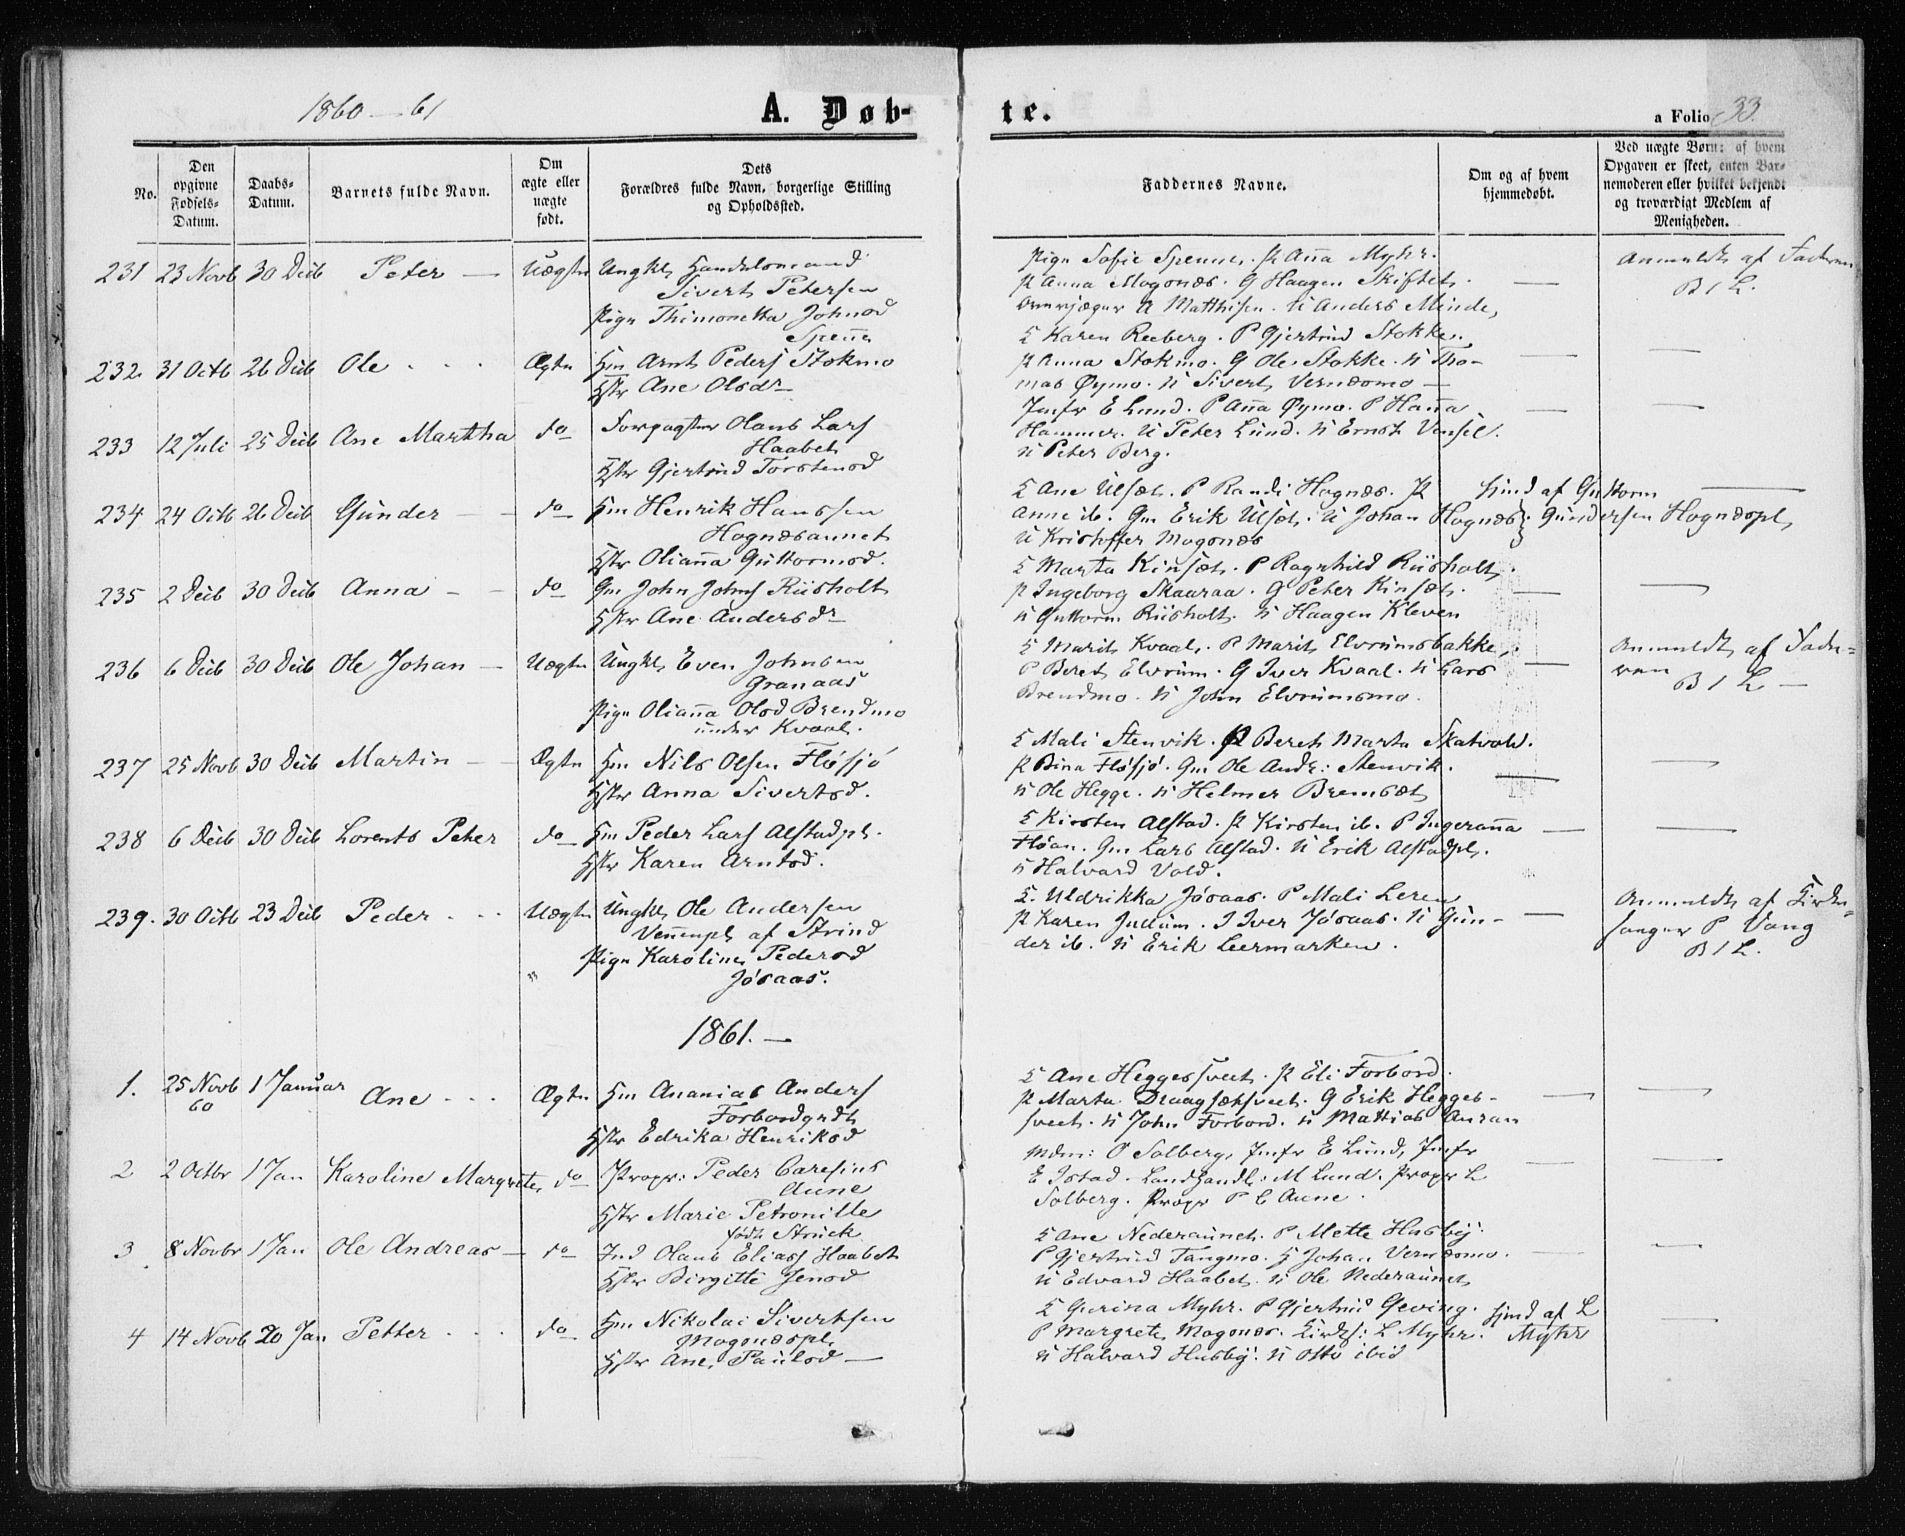 SAT, Ministerialprotokoller, klokkerbøker og fødselsregistre - Nord-Trøndelag, 709/L0075: Ministerialbok nr. 709A15, 1859-1870, s. 33